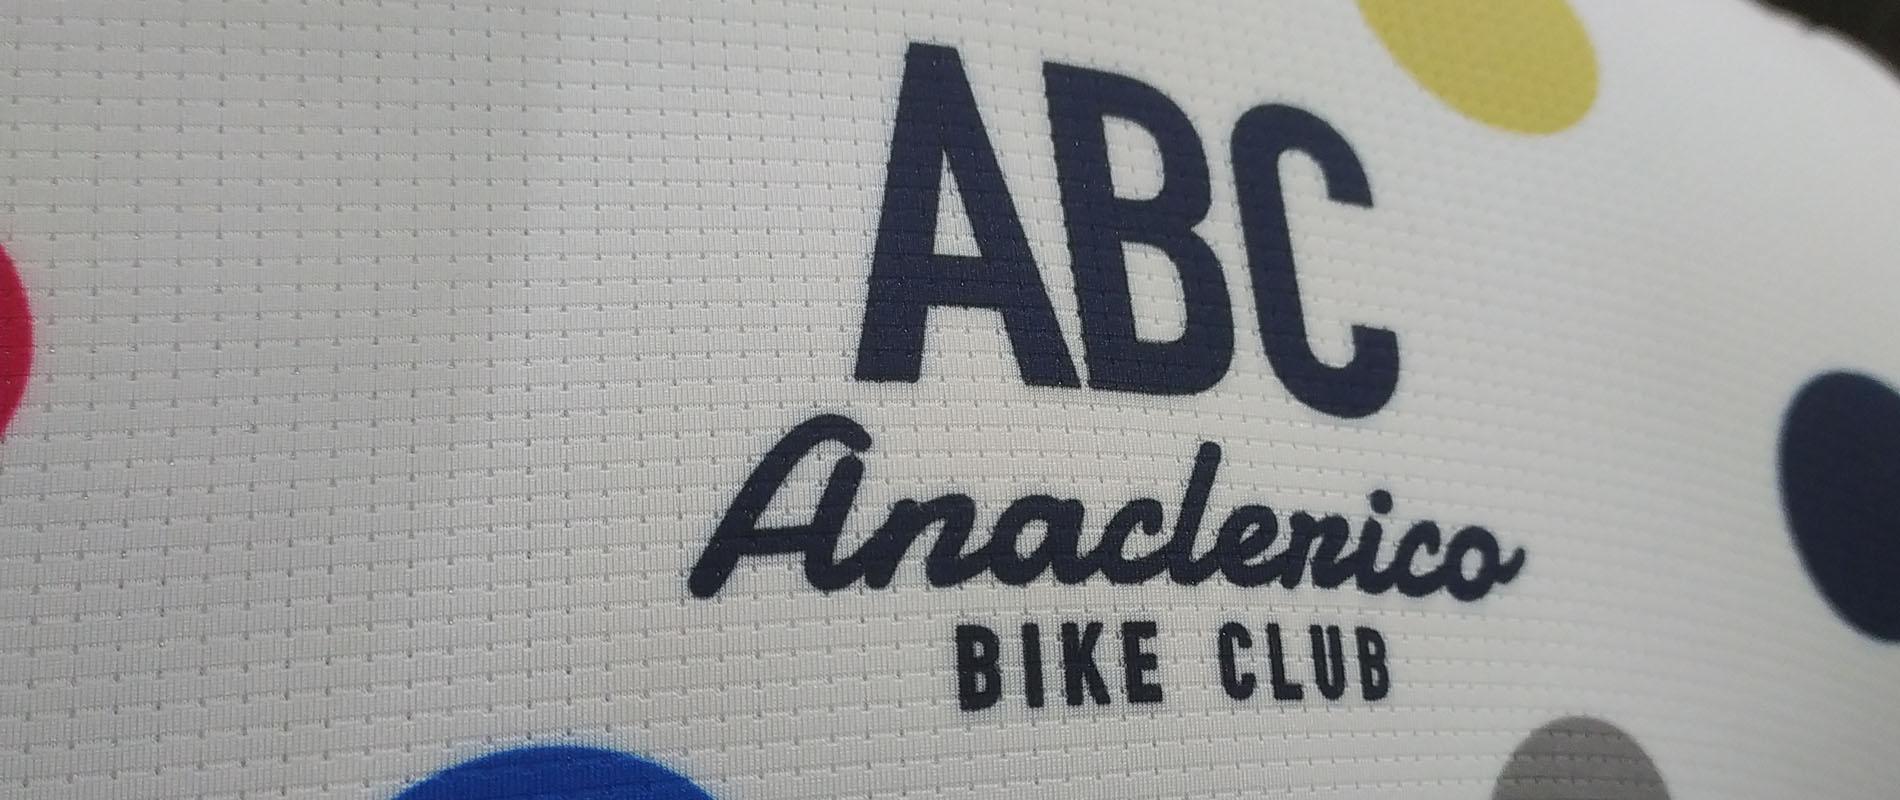 ABC Anaclerico Bike Club